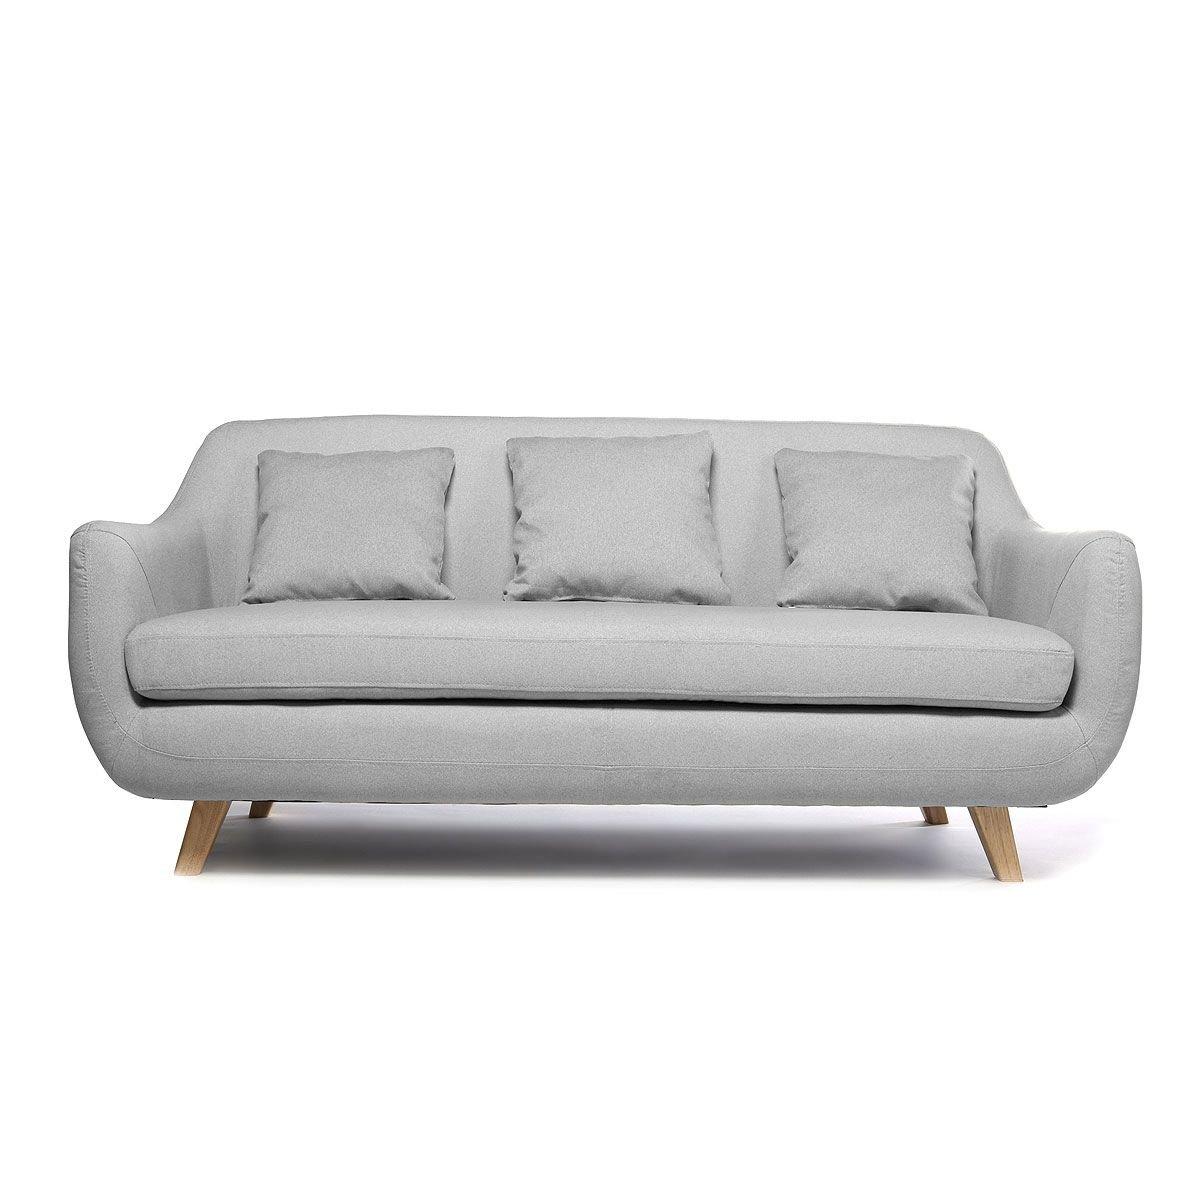 Miliboo - Sofá diseño escandinavo 3 plazas gris SKANDI ...